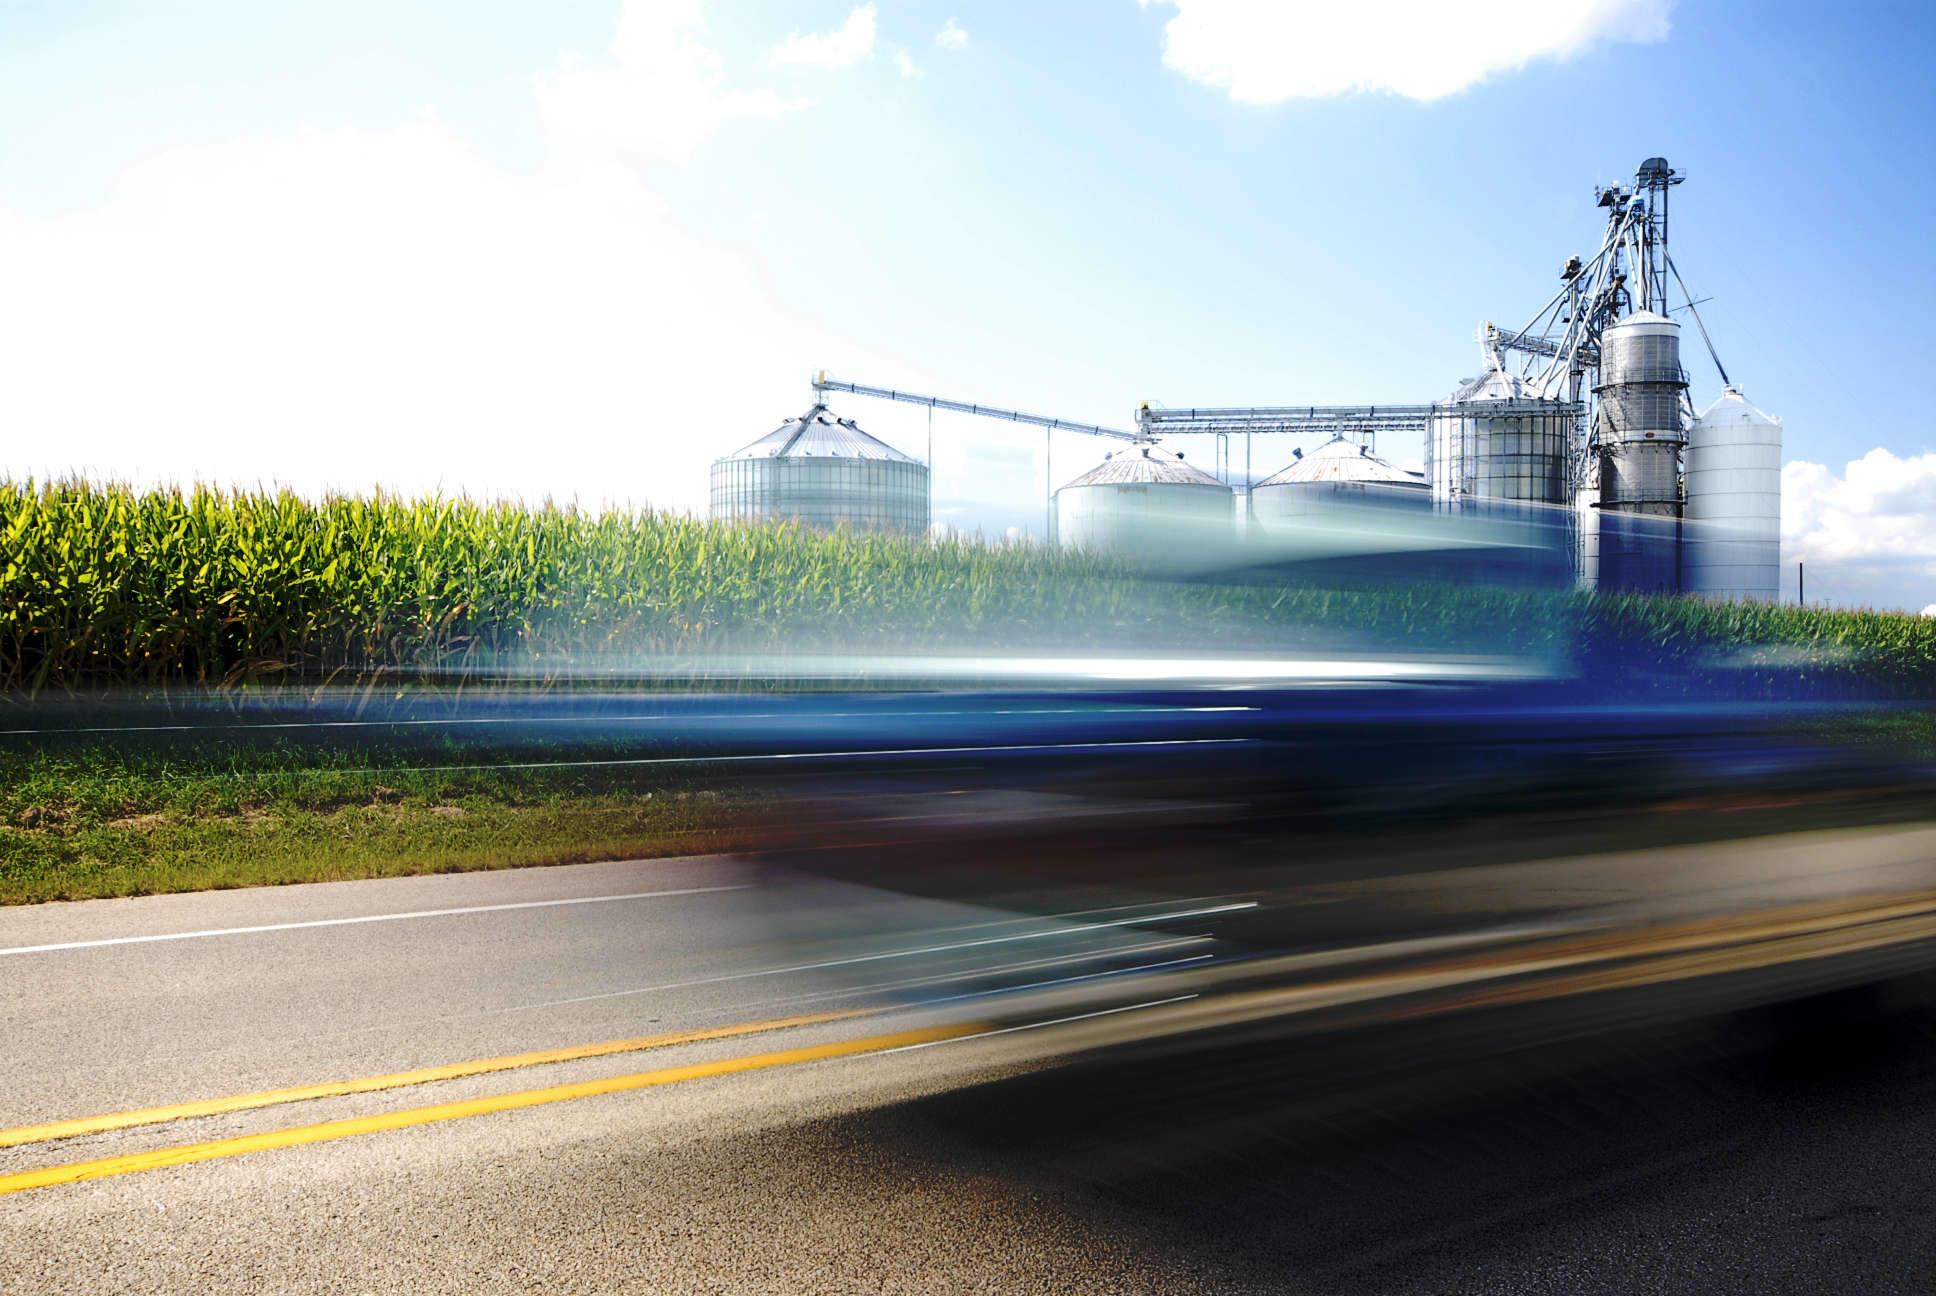 Blue Car & Corn Energy